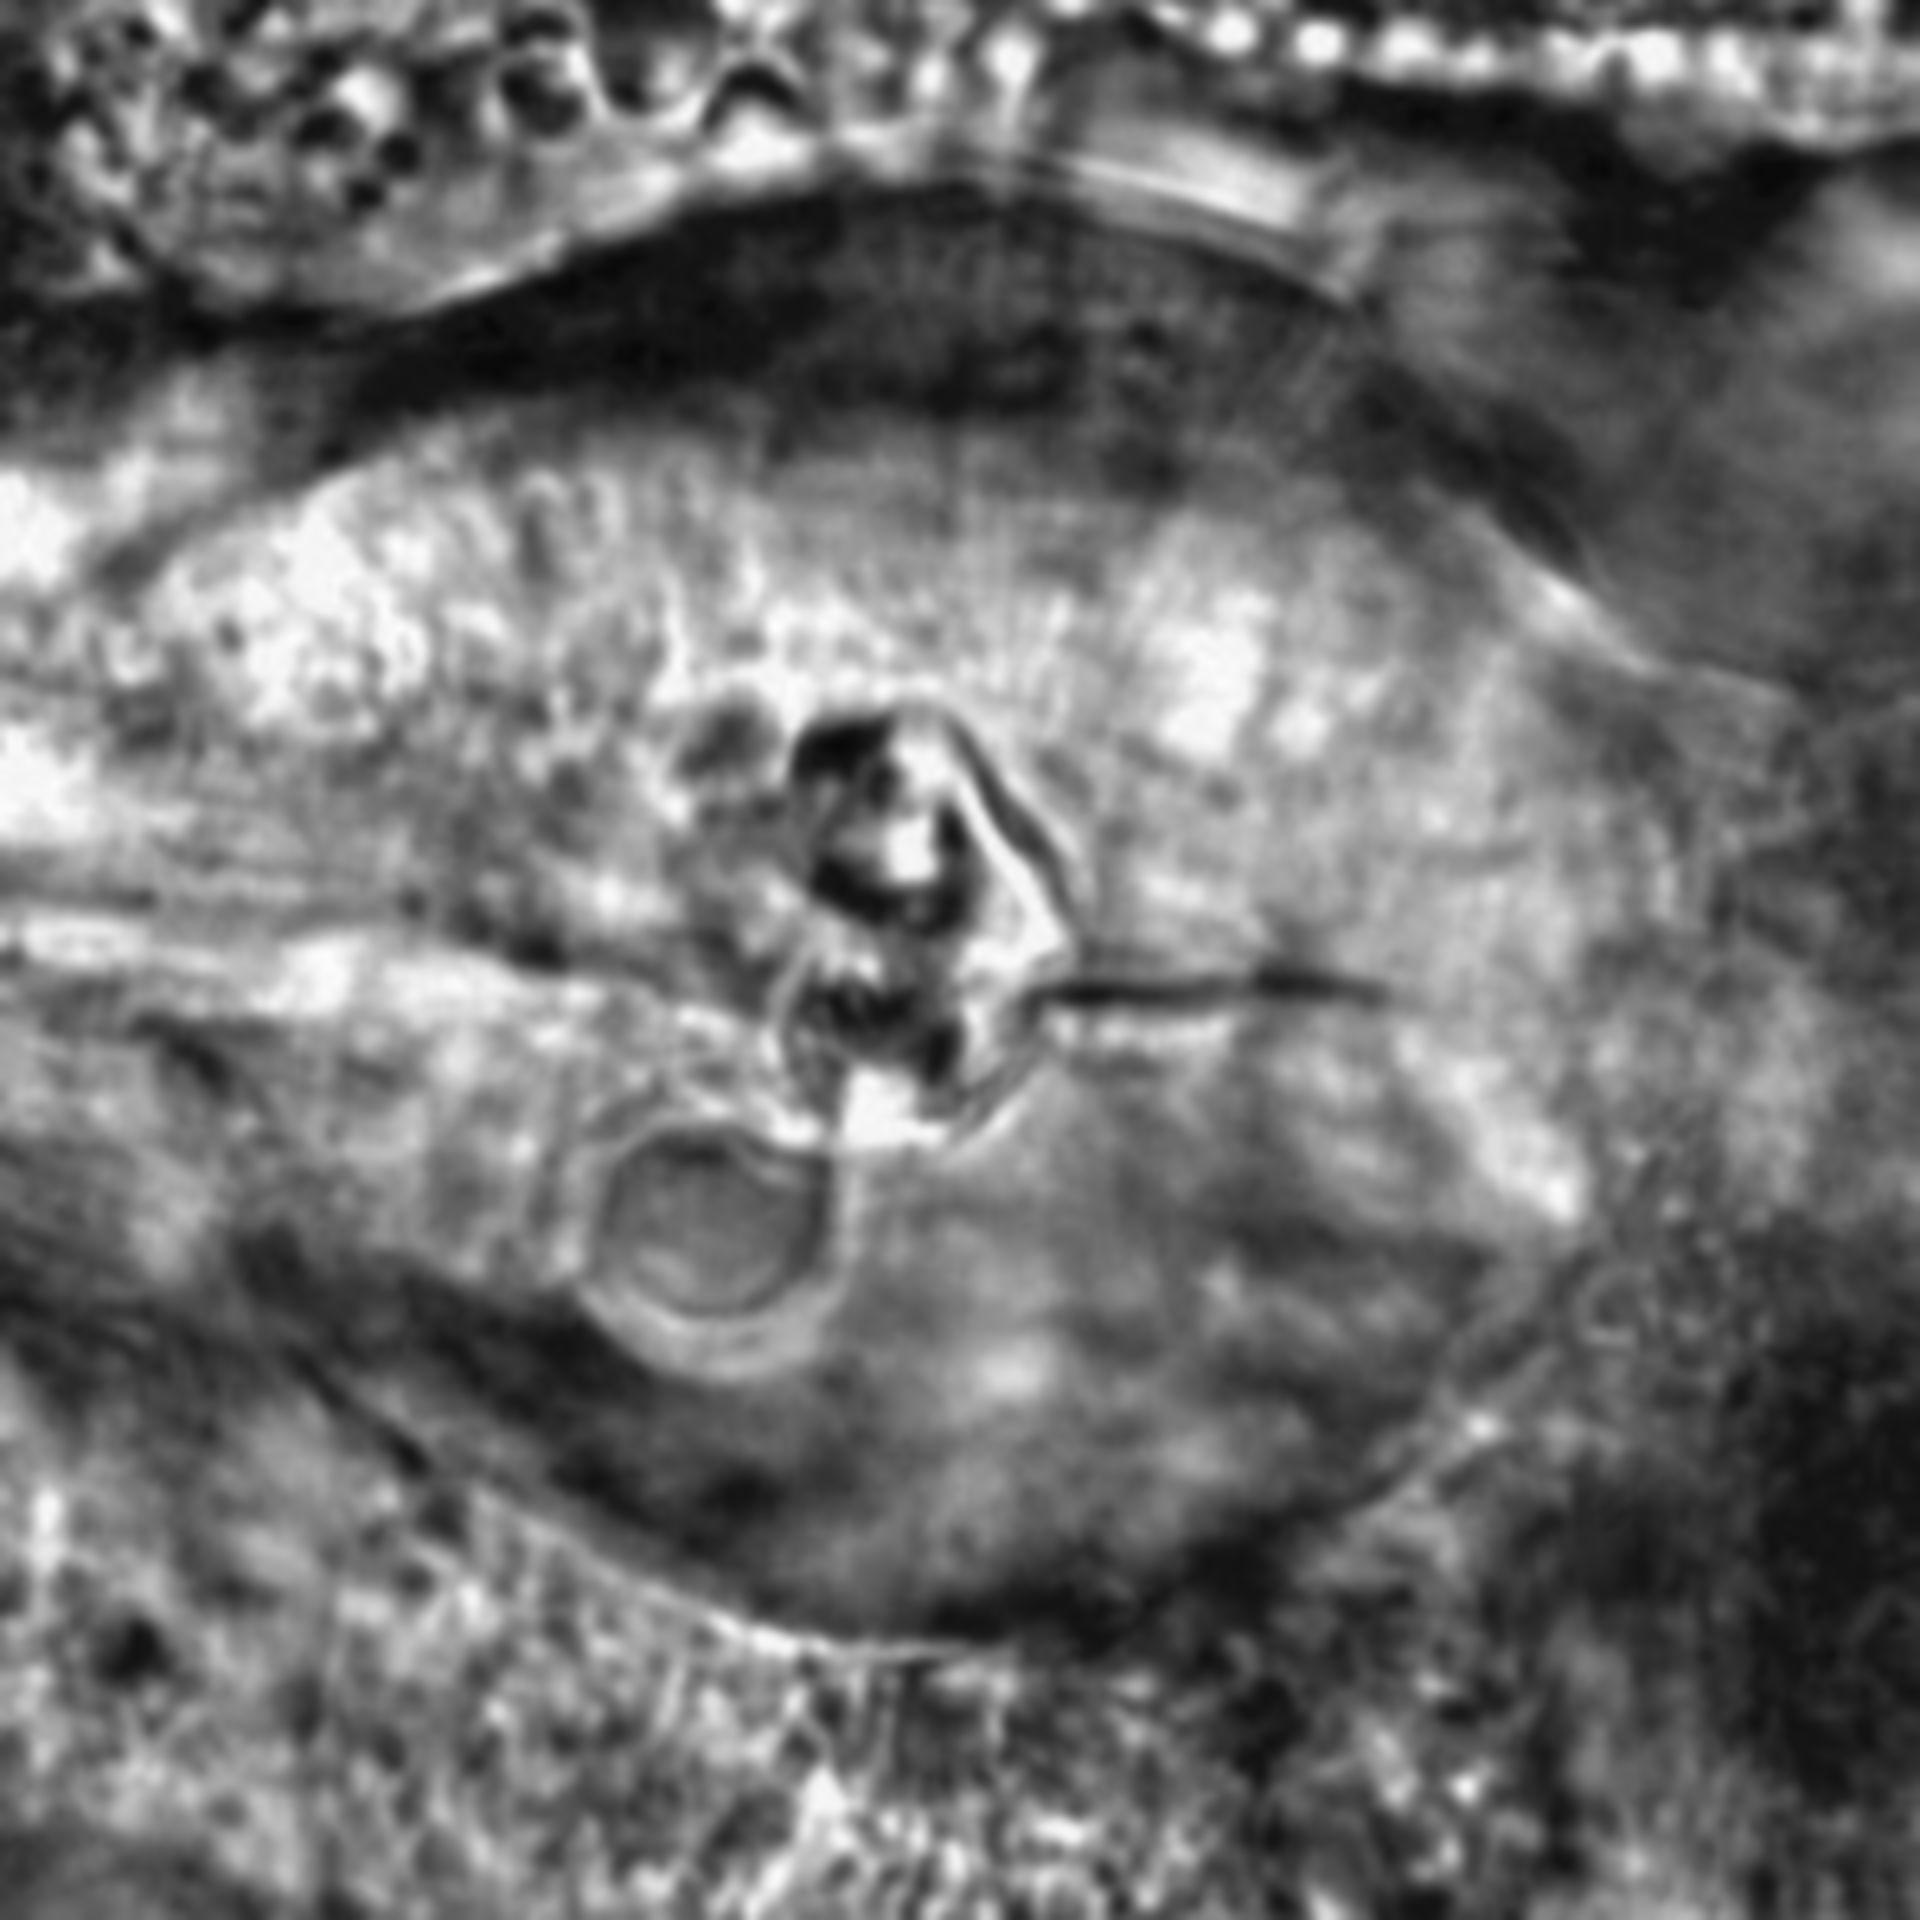 Caenorhabditis elegans - CIL:2294